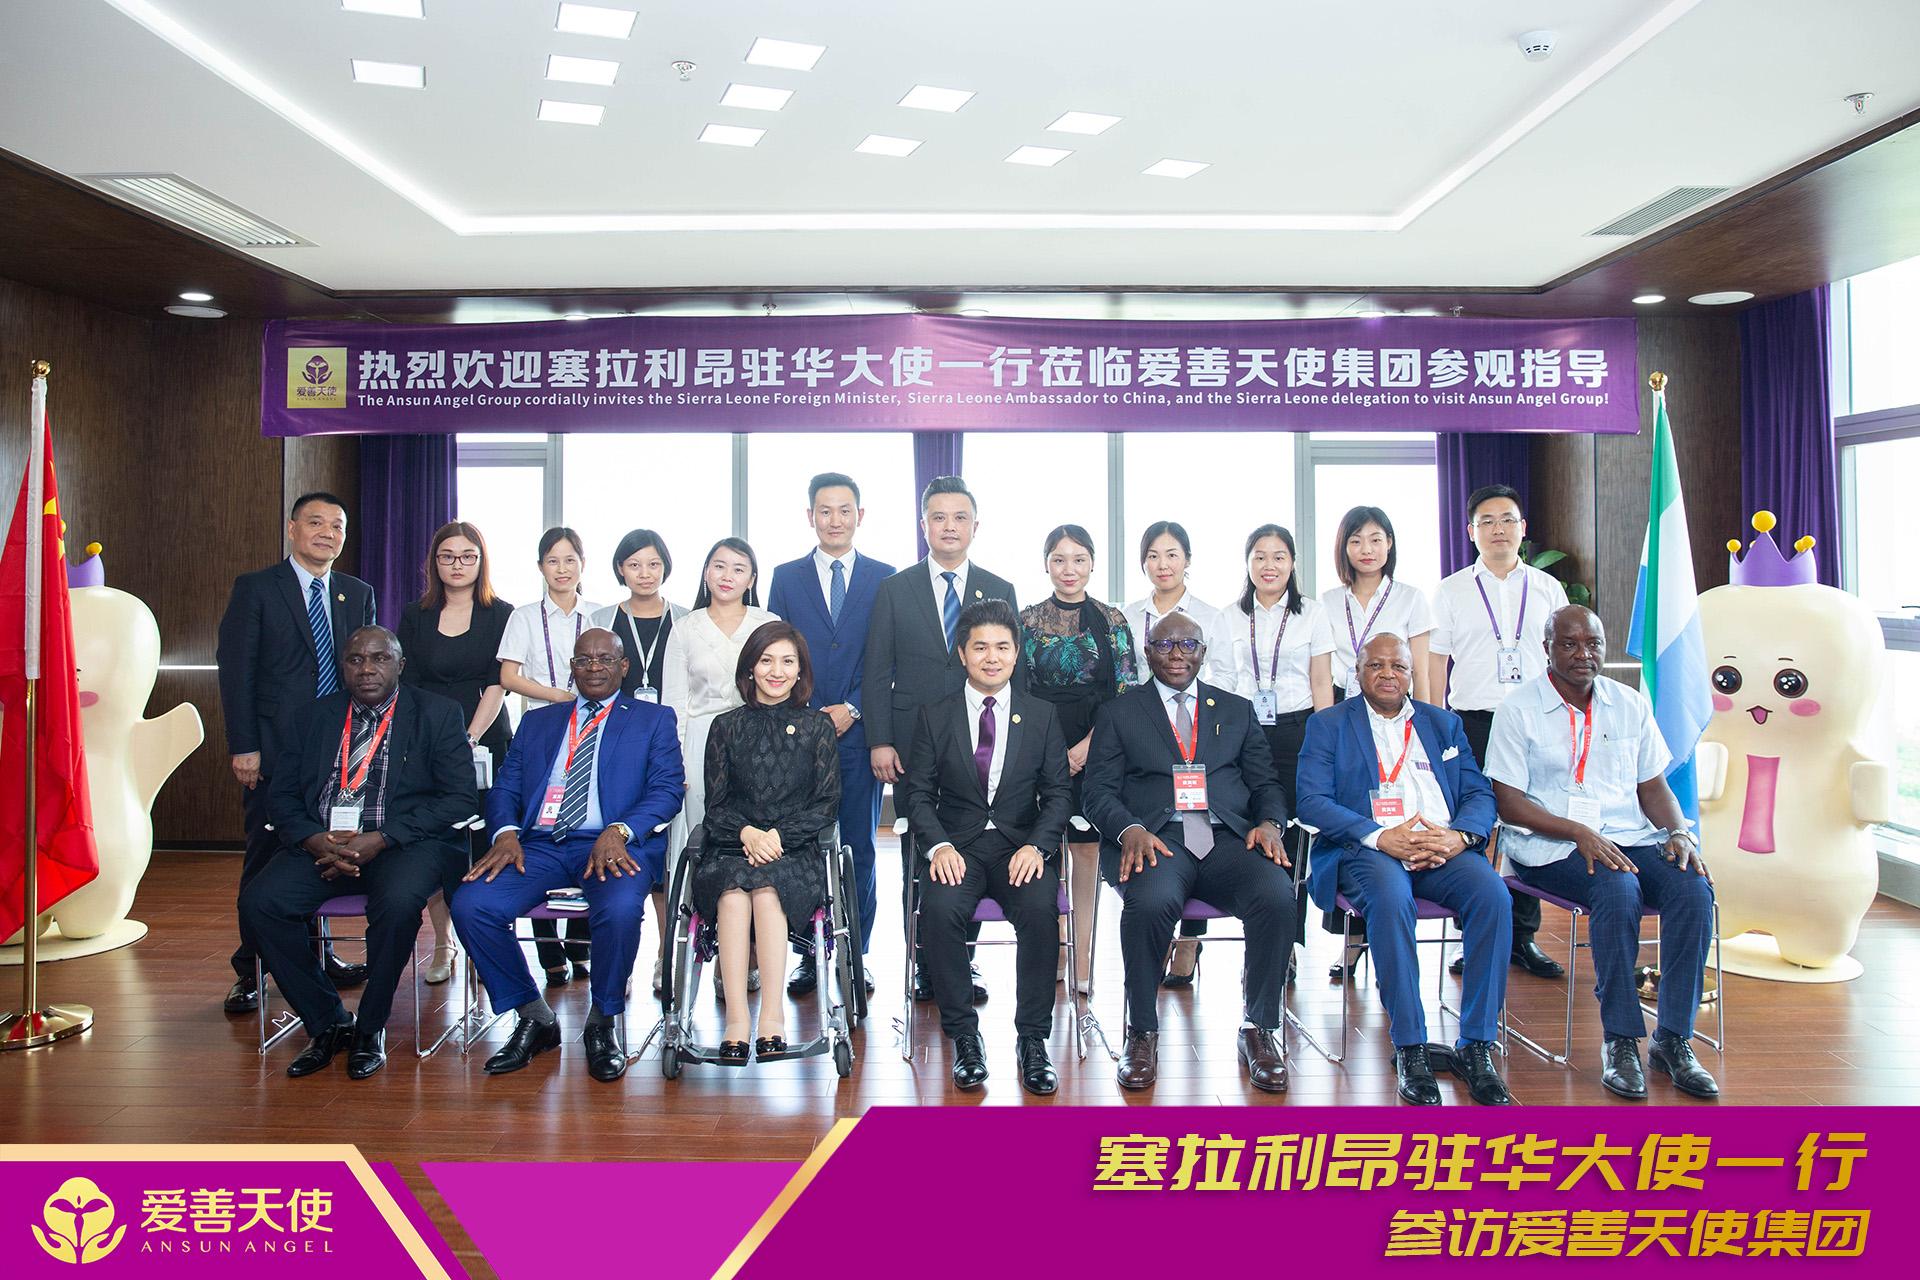 塞拉利昂驻华大使一行人莅临爱善天使集团参访指导!